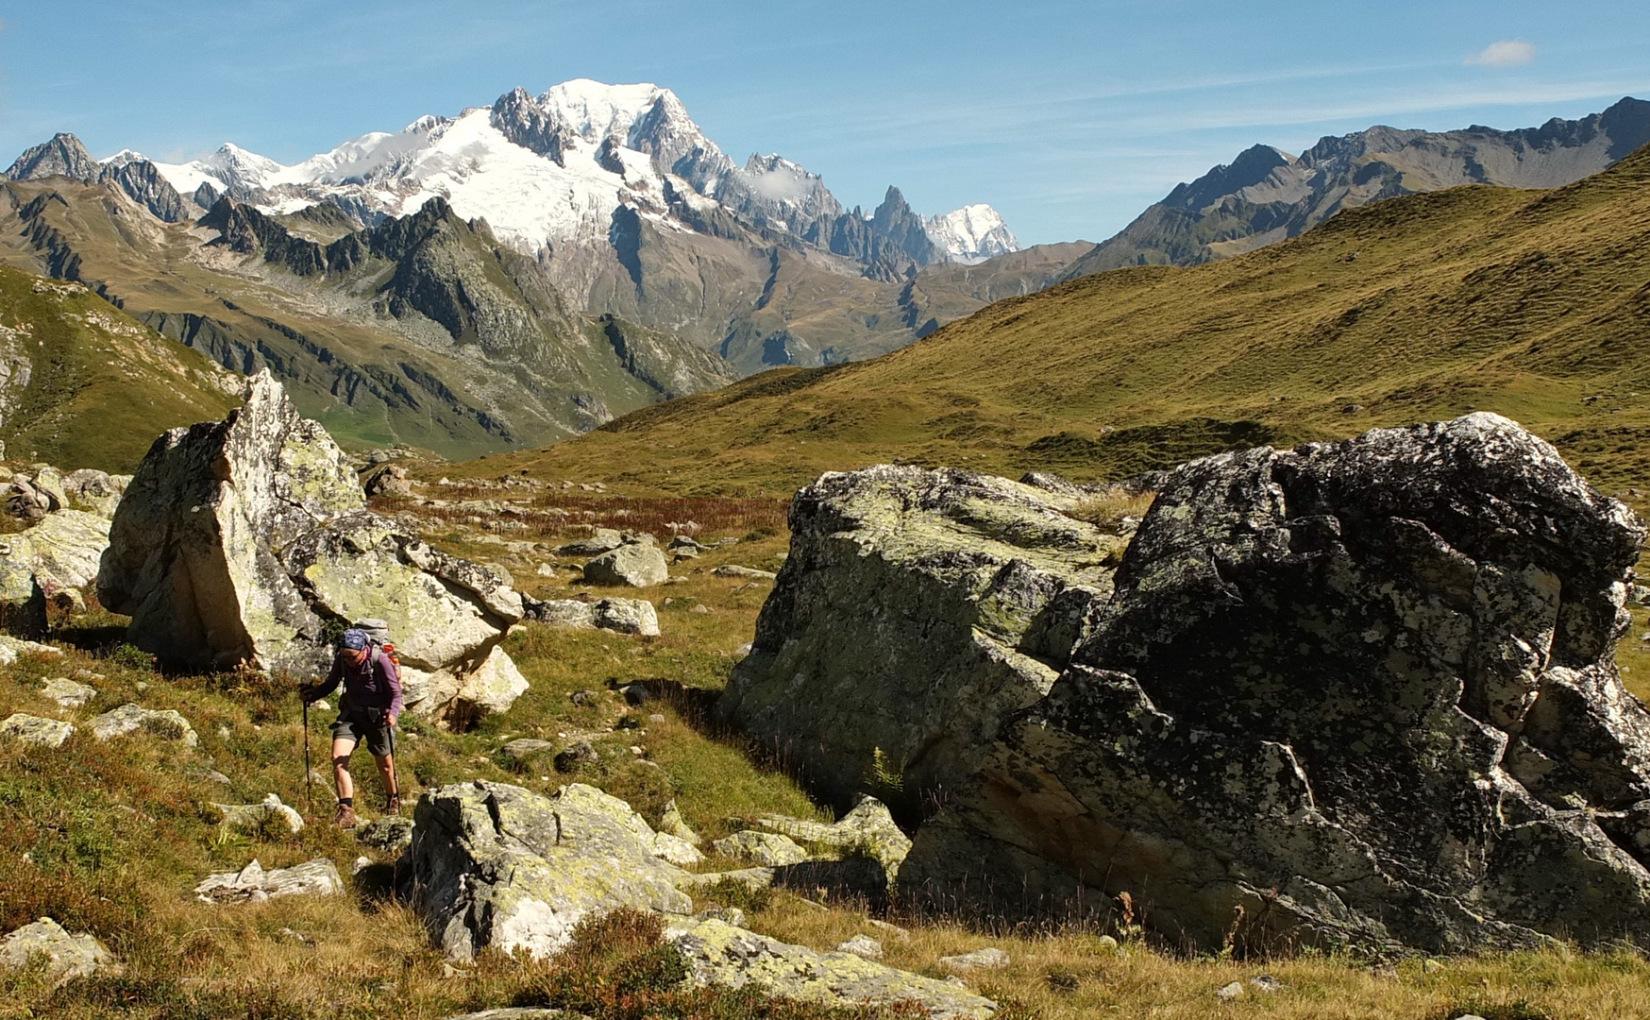 MT 10.8 Les Chapieux > Refuge de Presset (Savoyen)